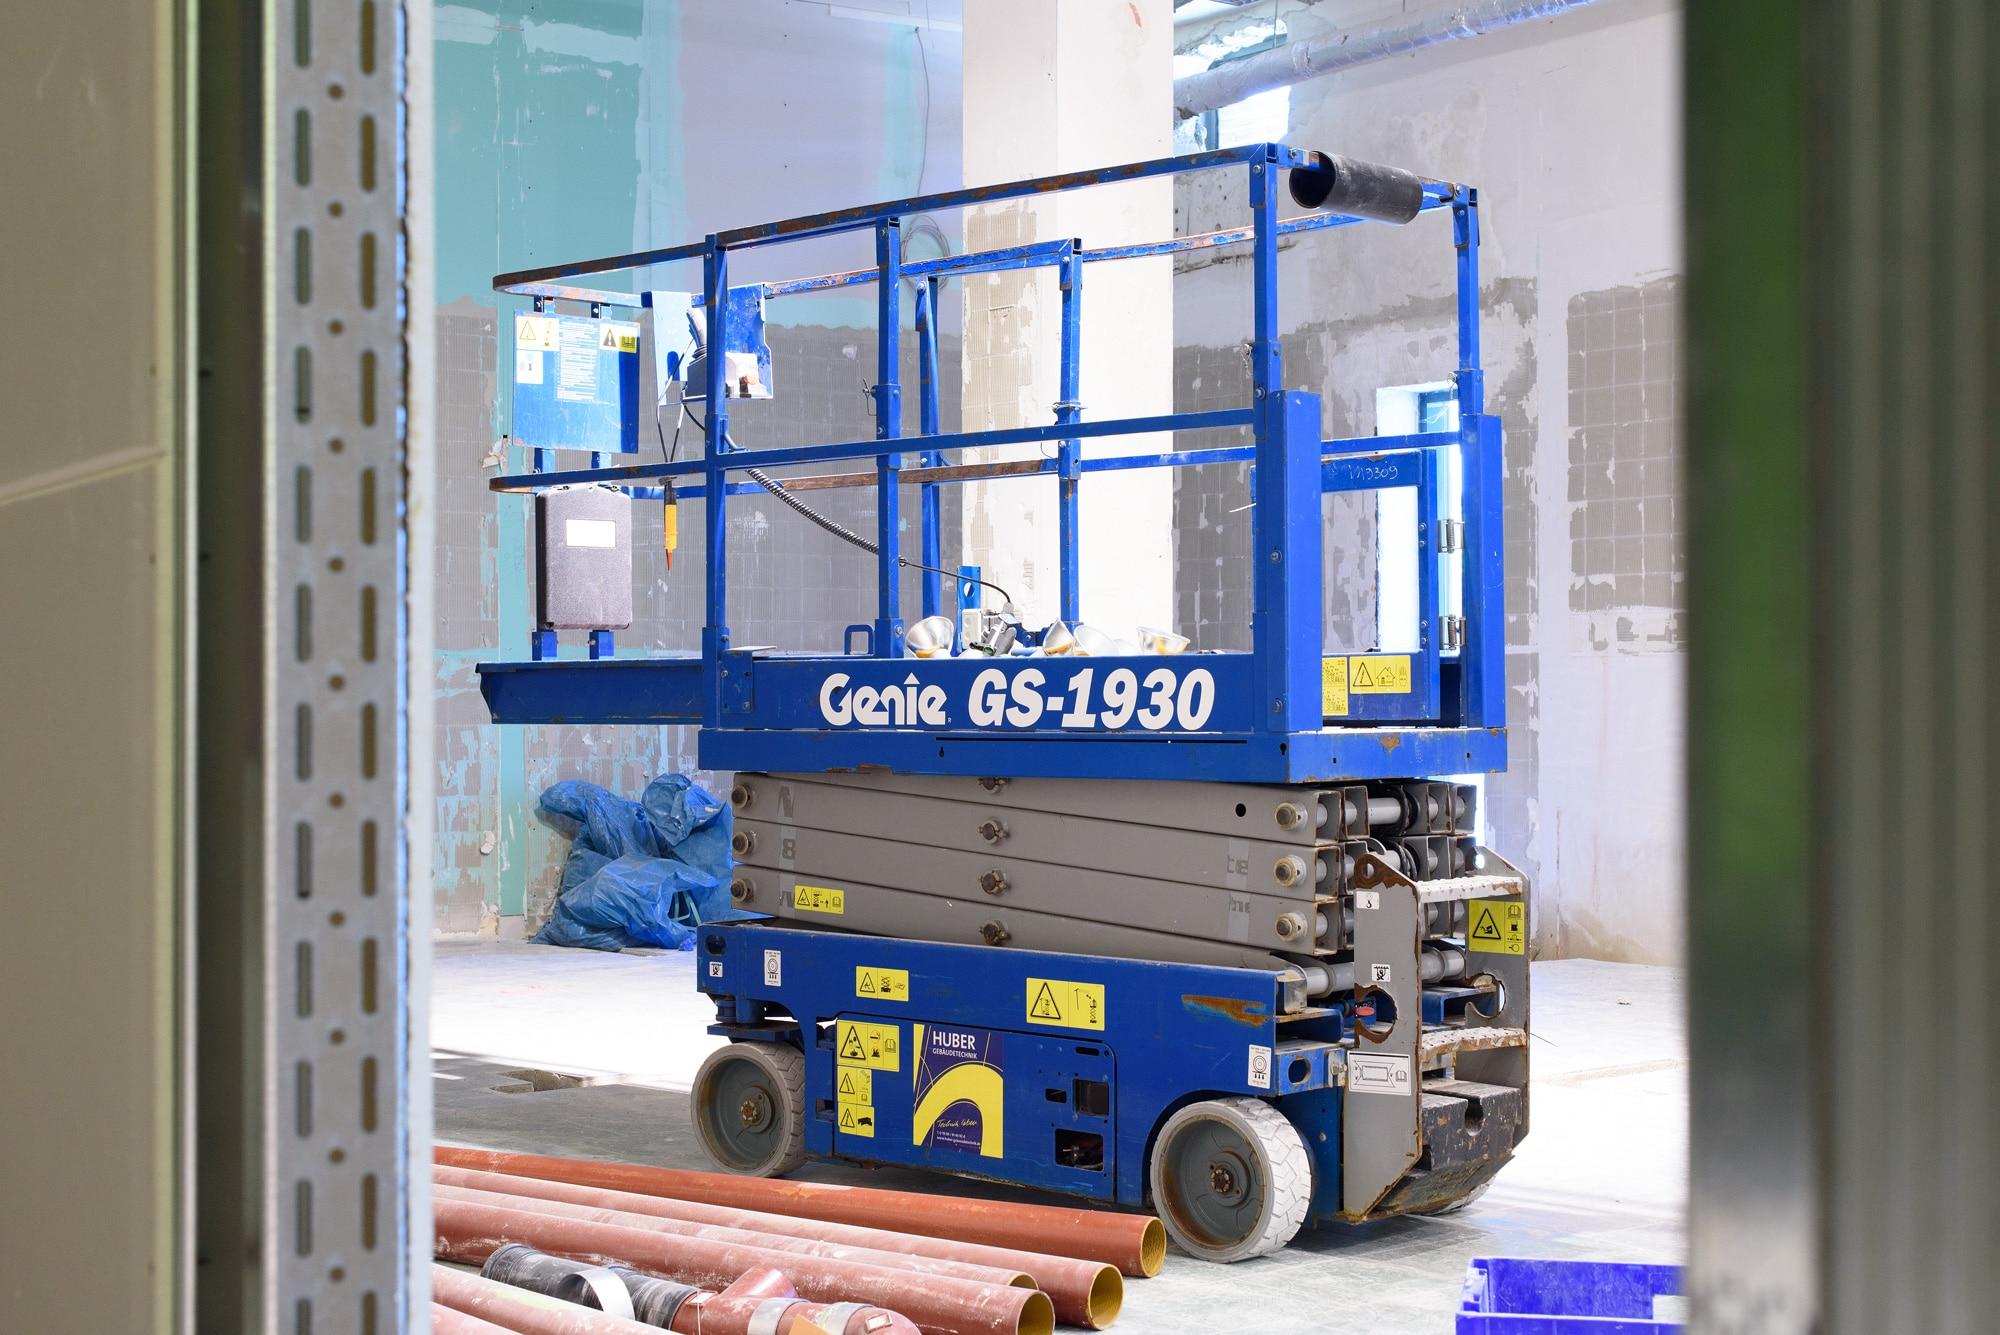 Hebebühne-Baustellentagebuch-Fitness-Loft-West-2000x1335px